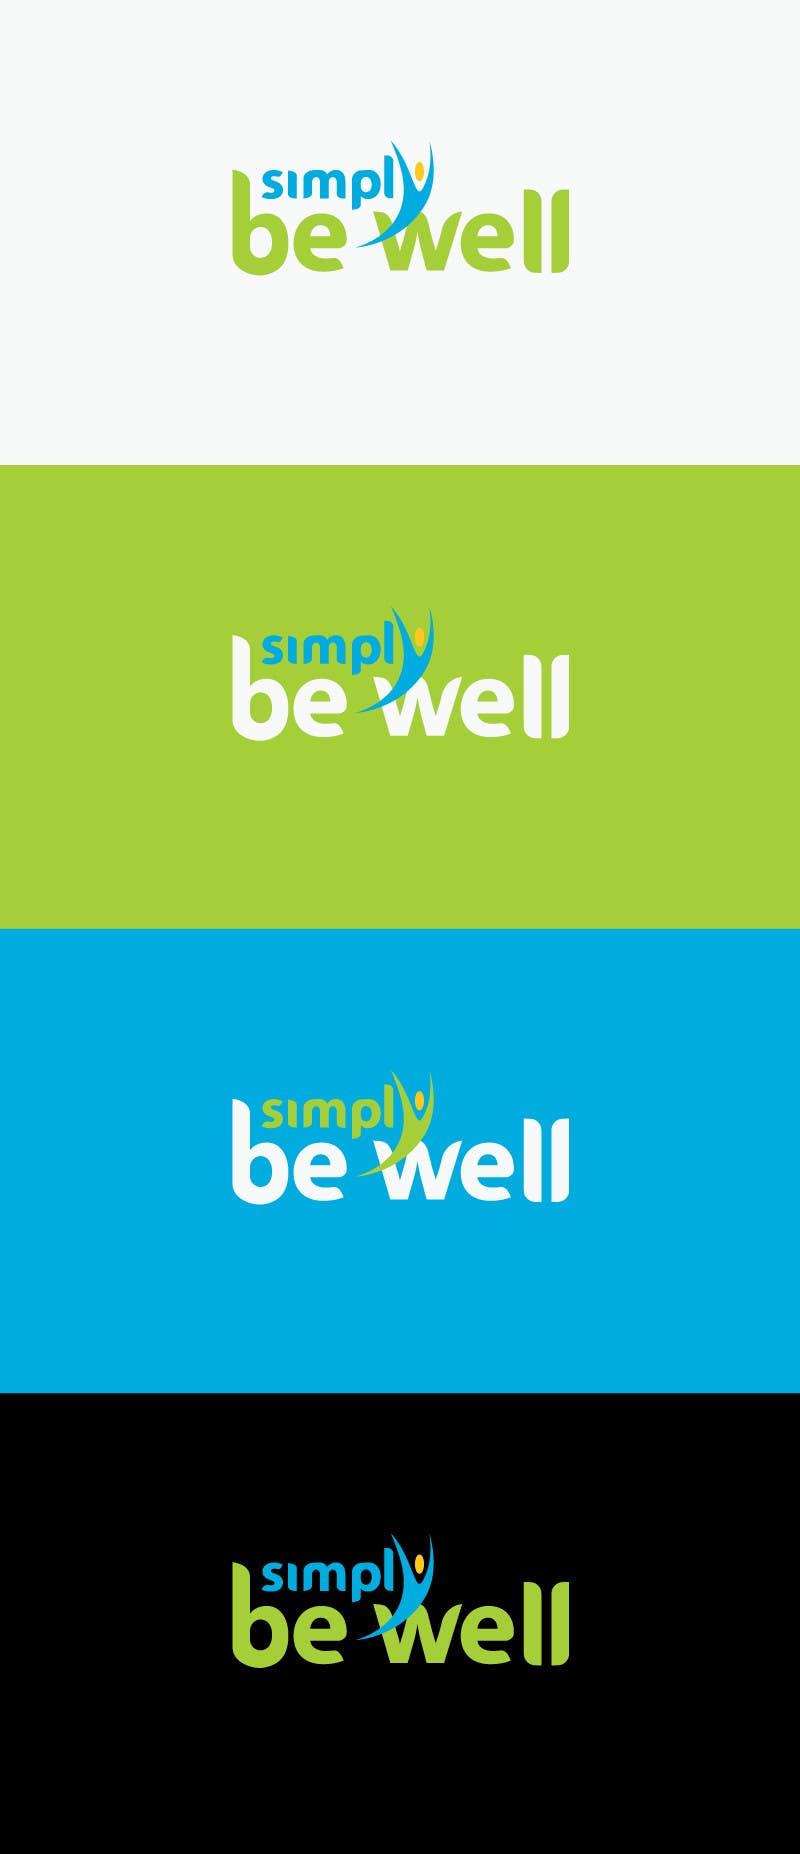 """Penyertaan Peraduan #51 untuk Logo Design for Corporate Wellness Business called """"Simply Be Well"""""""